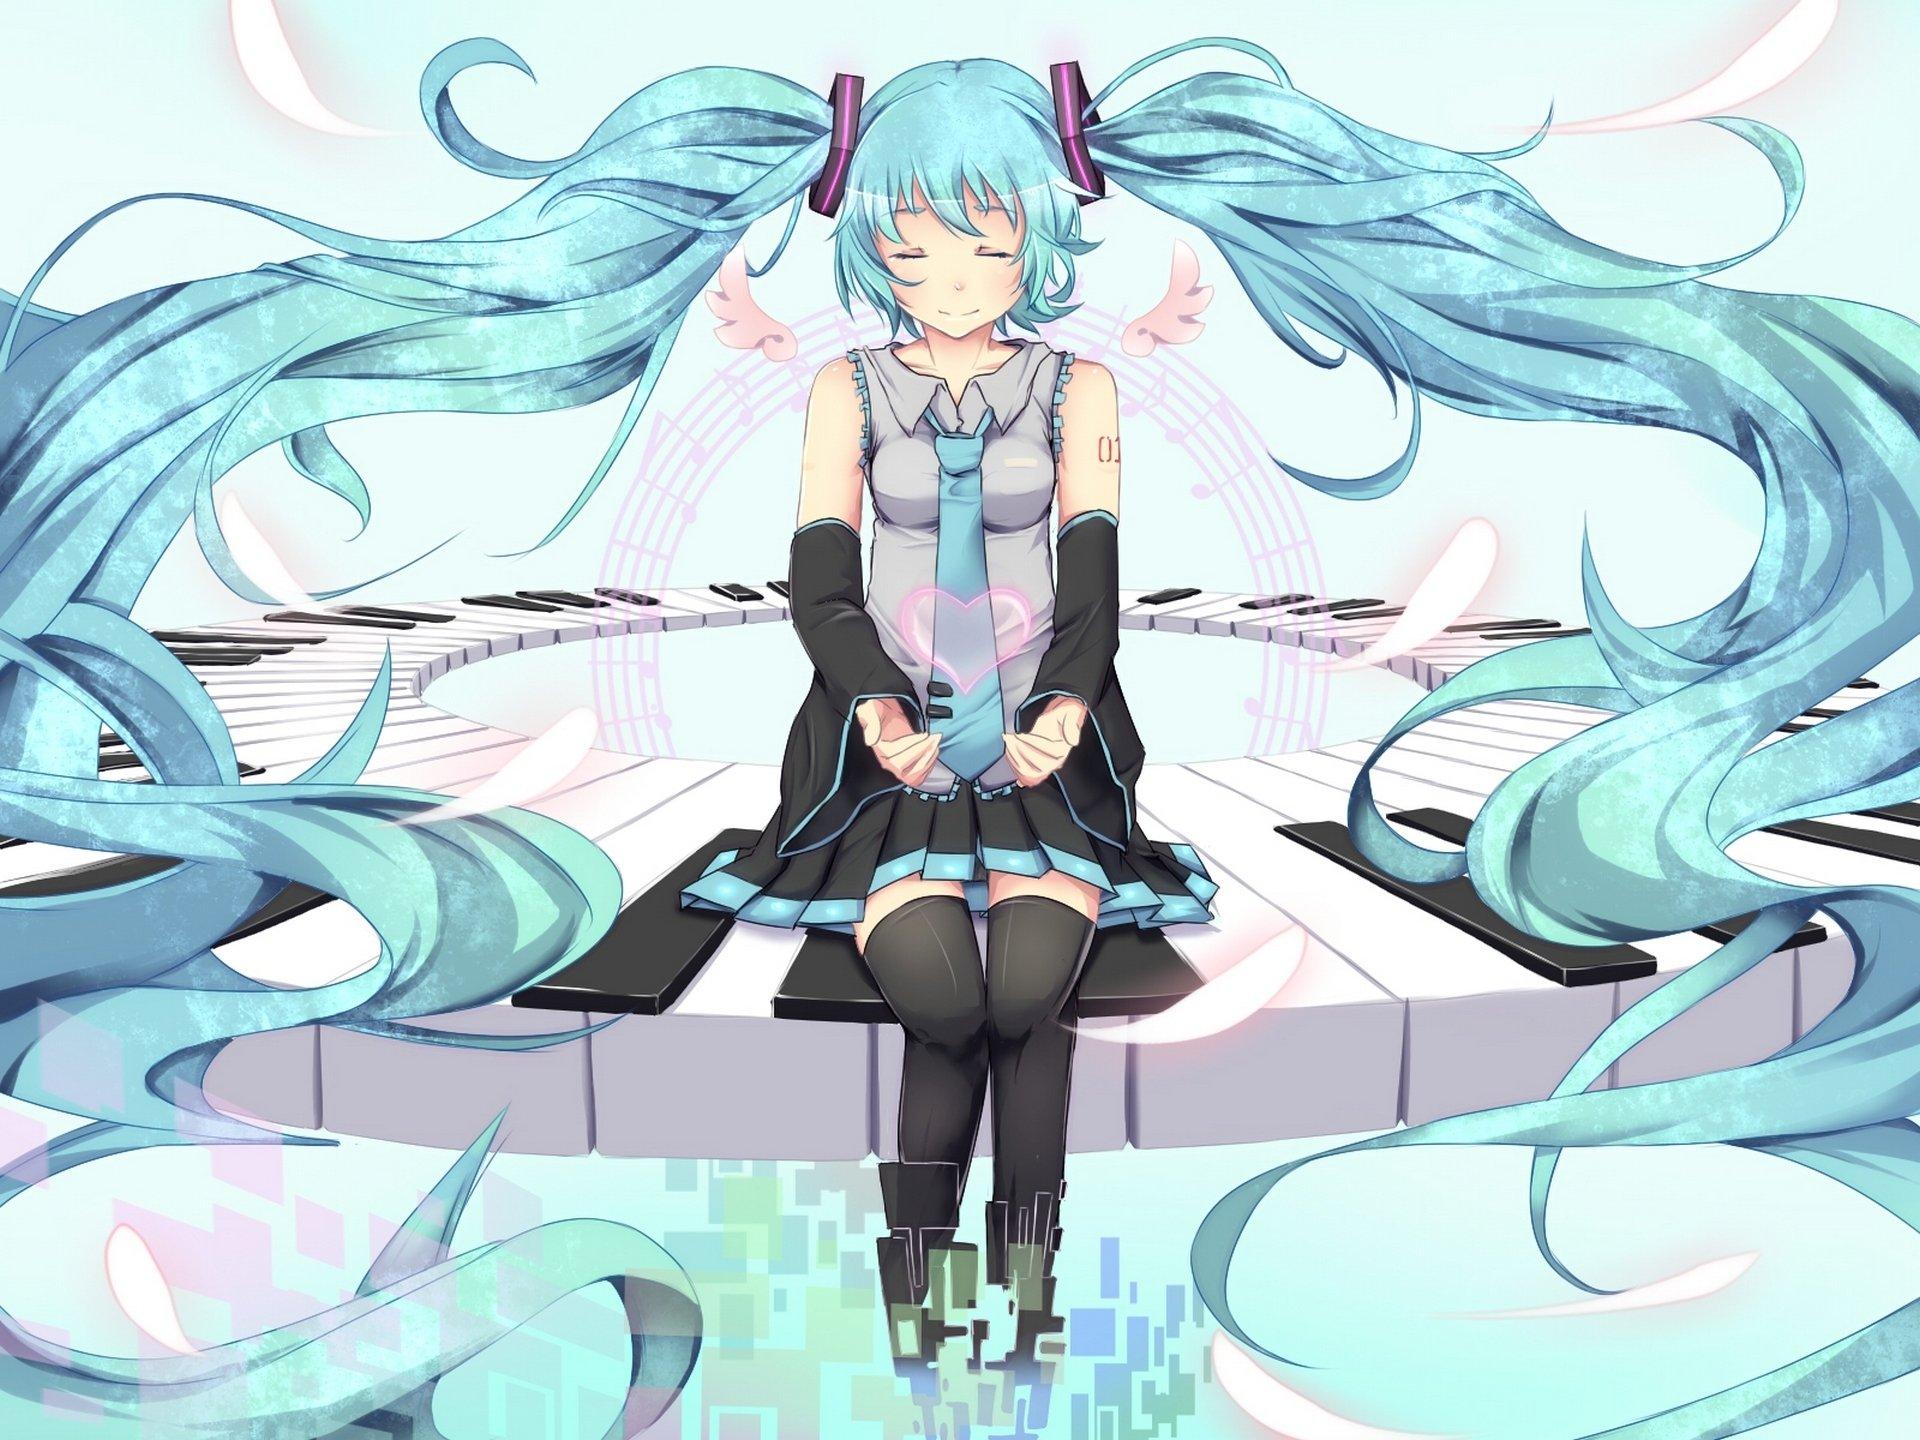 Vocaloid hatsune miku hair necktie sitting anime girls wallpaper 1920x1440 341006 wallpaperup